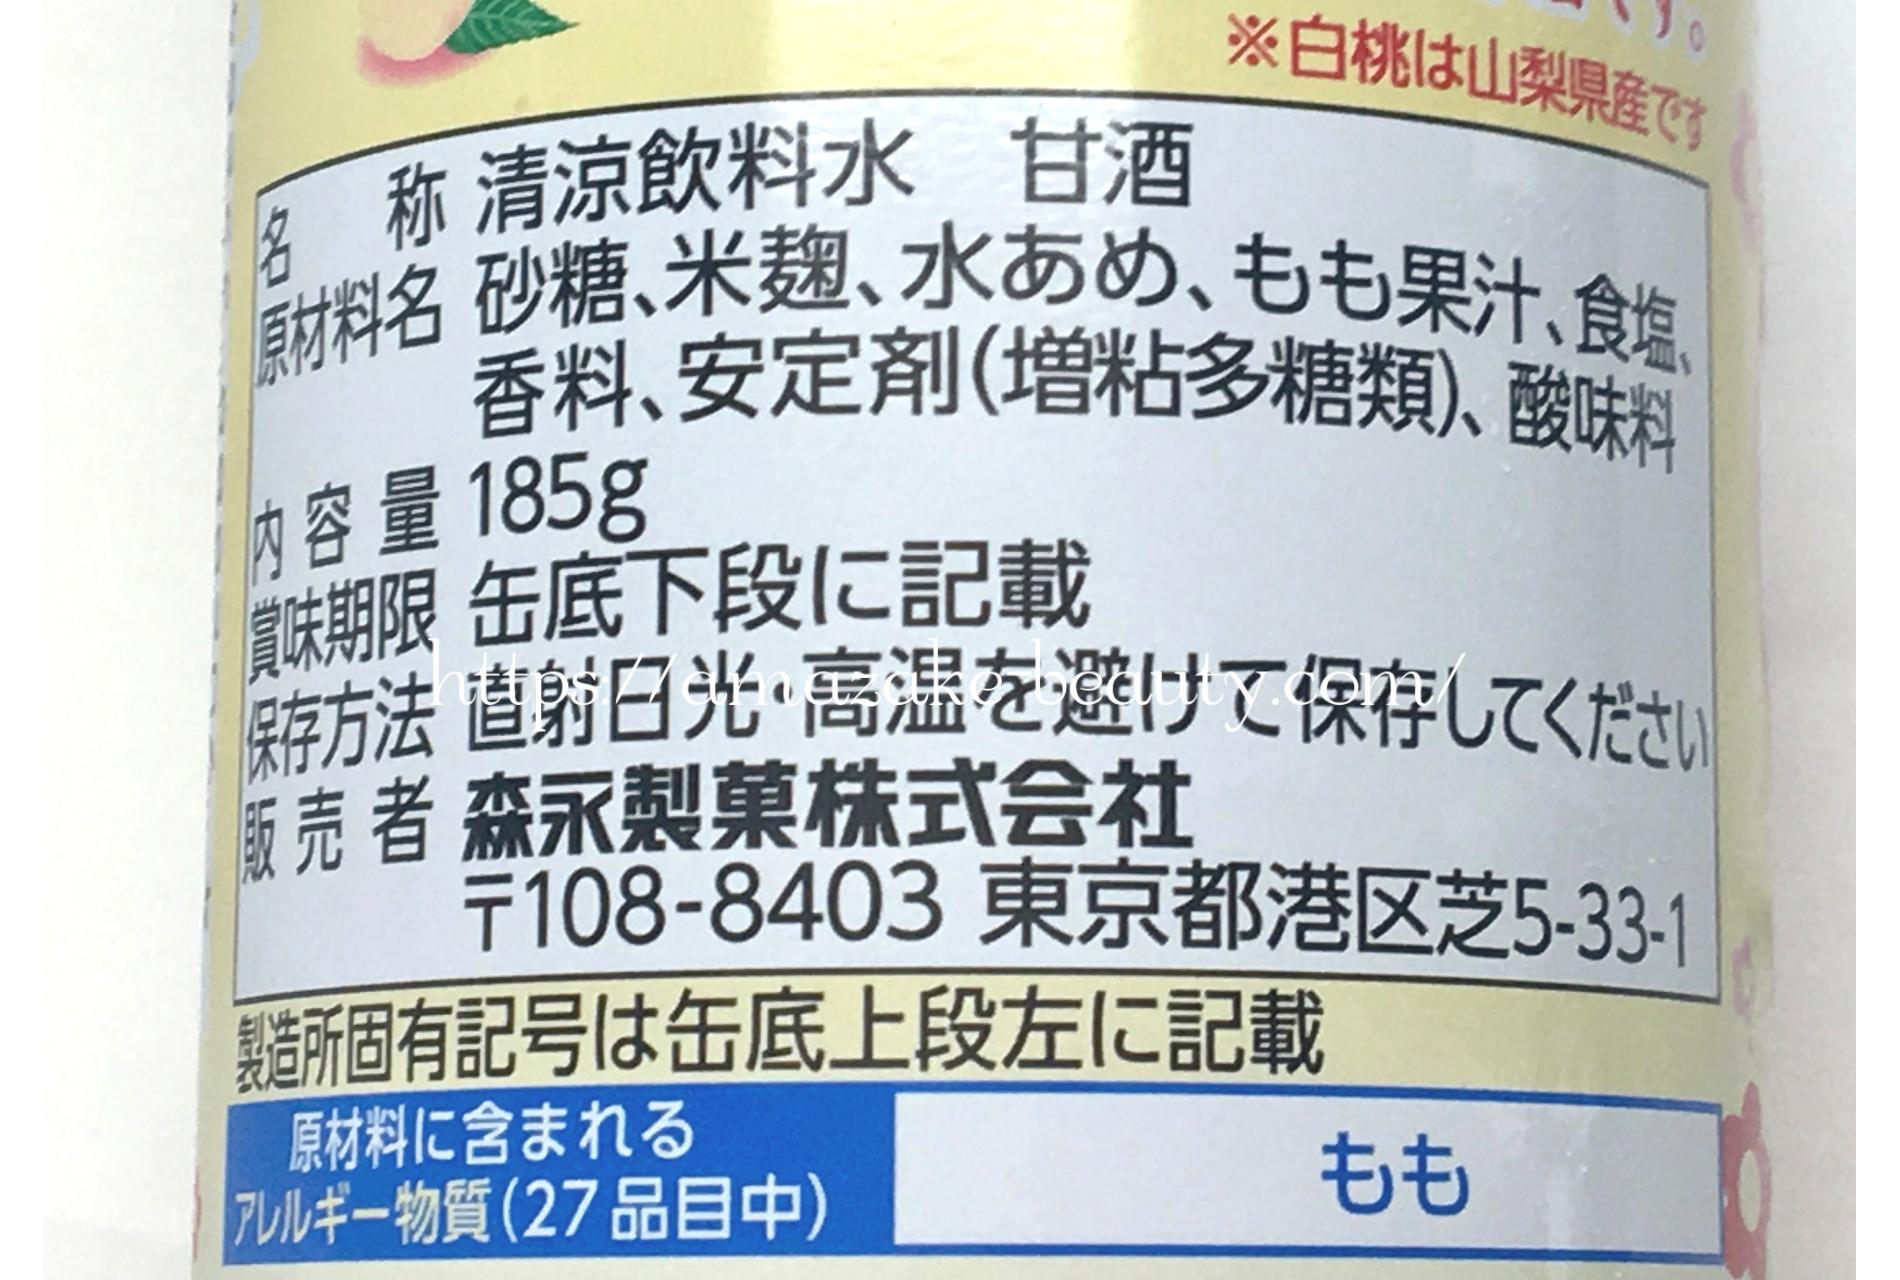 [amazake]morinaga[momo amazake](product description)